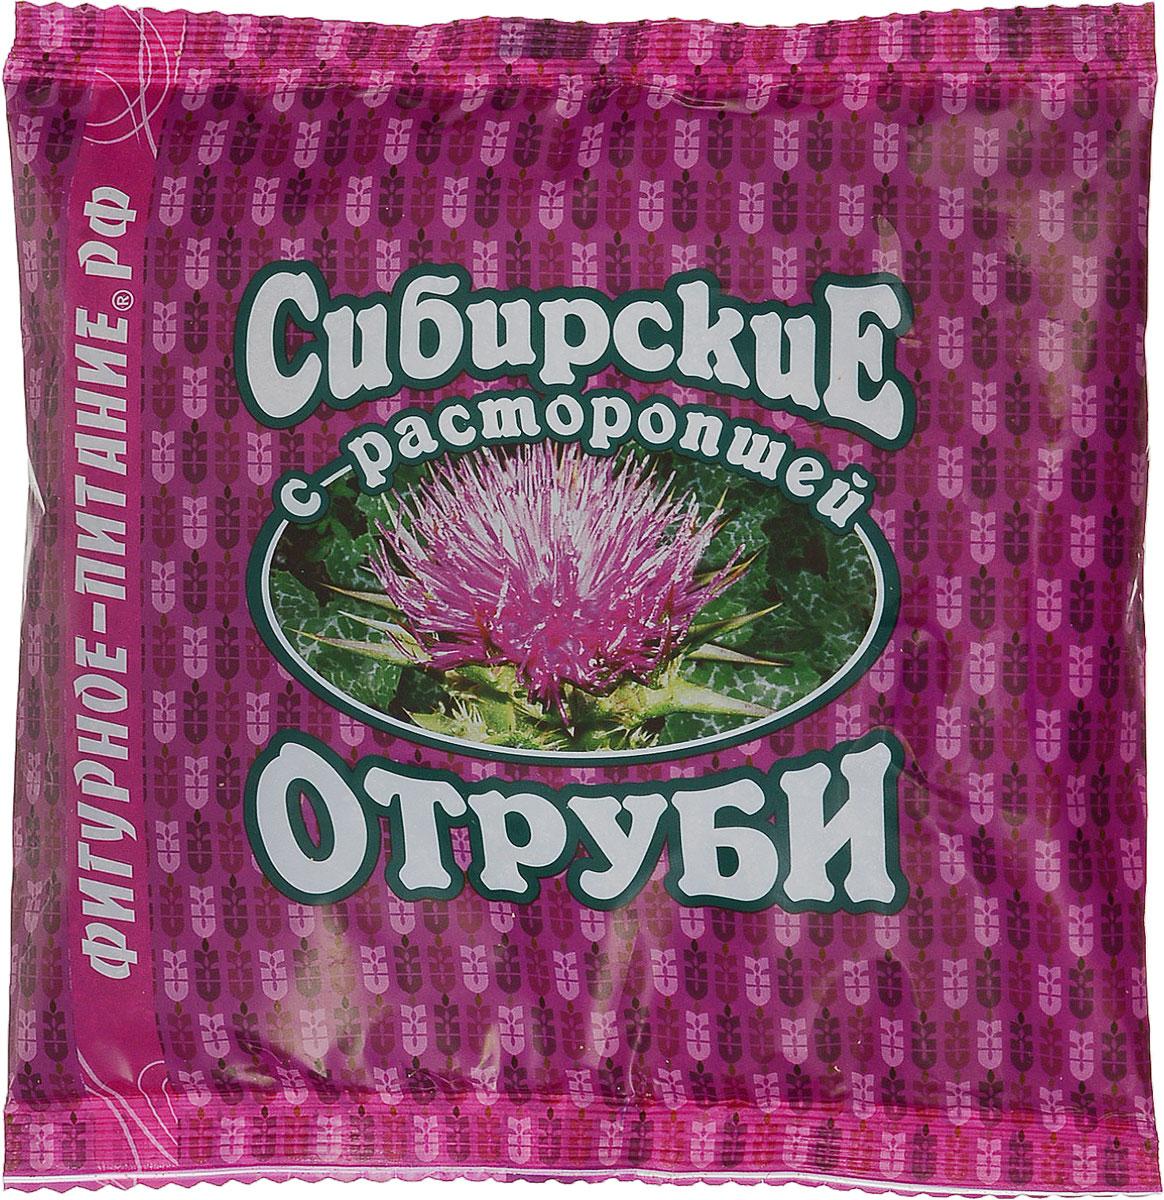 Сибирские отруби пшеничные с расторопшой, 200 г сибирские отруби пшеничные натуральные 200 г